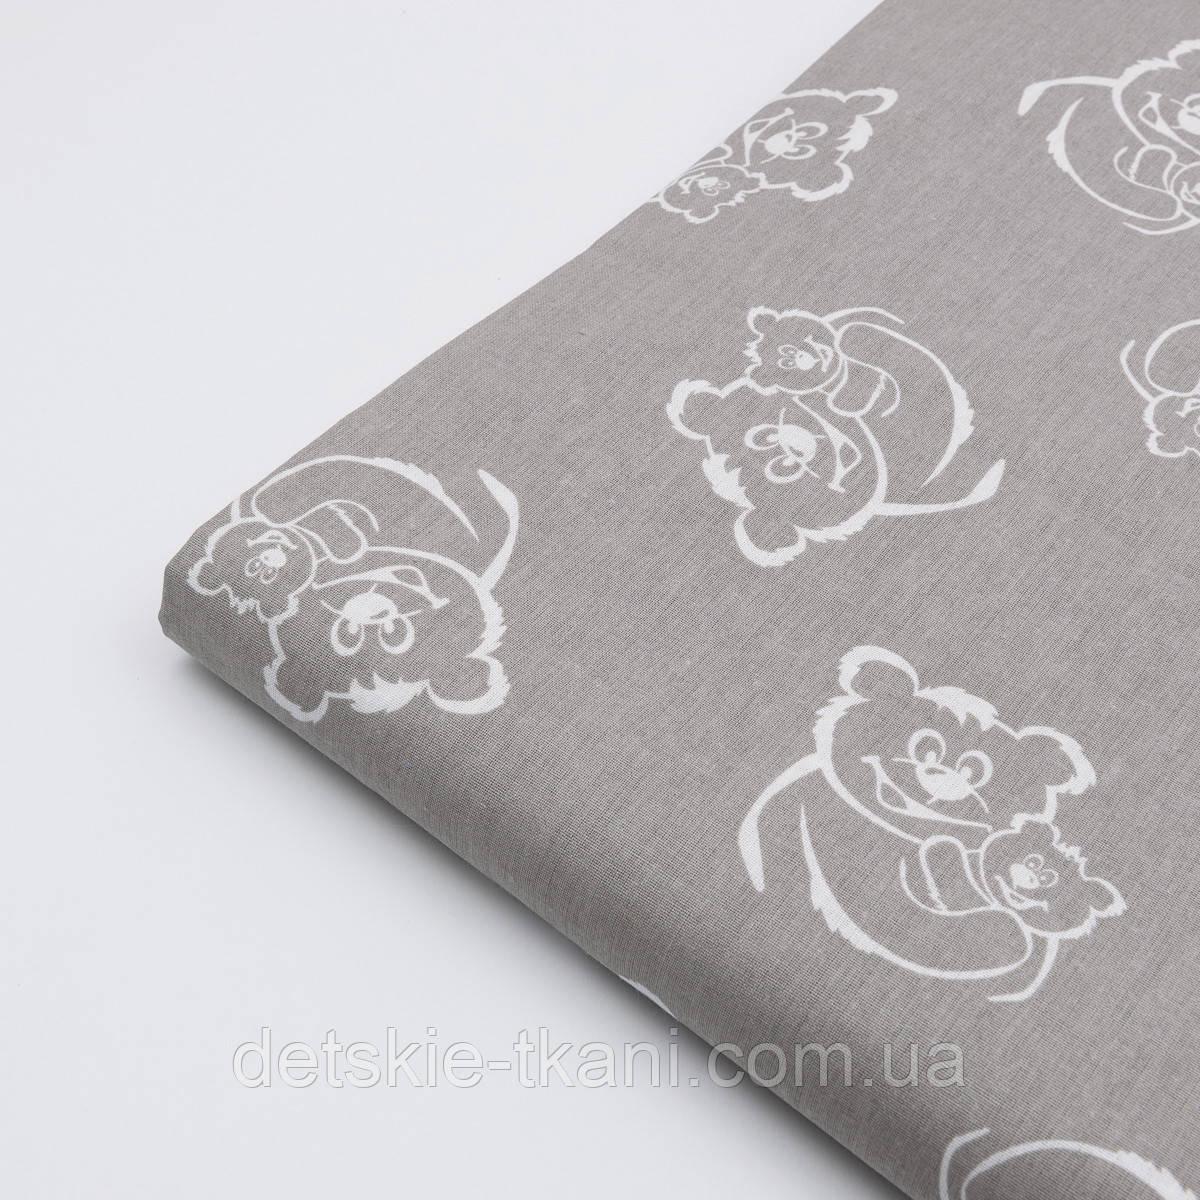 Лоскут ткани №13 с белыми мишками на сером фоне, размер 39*41 см